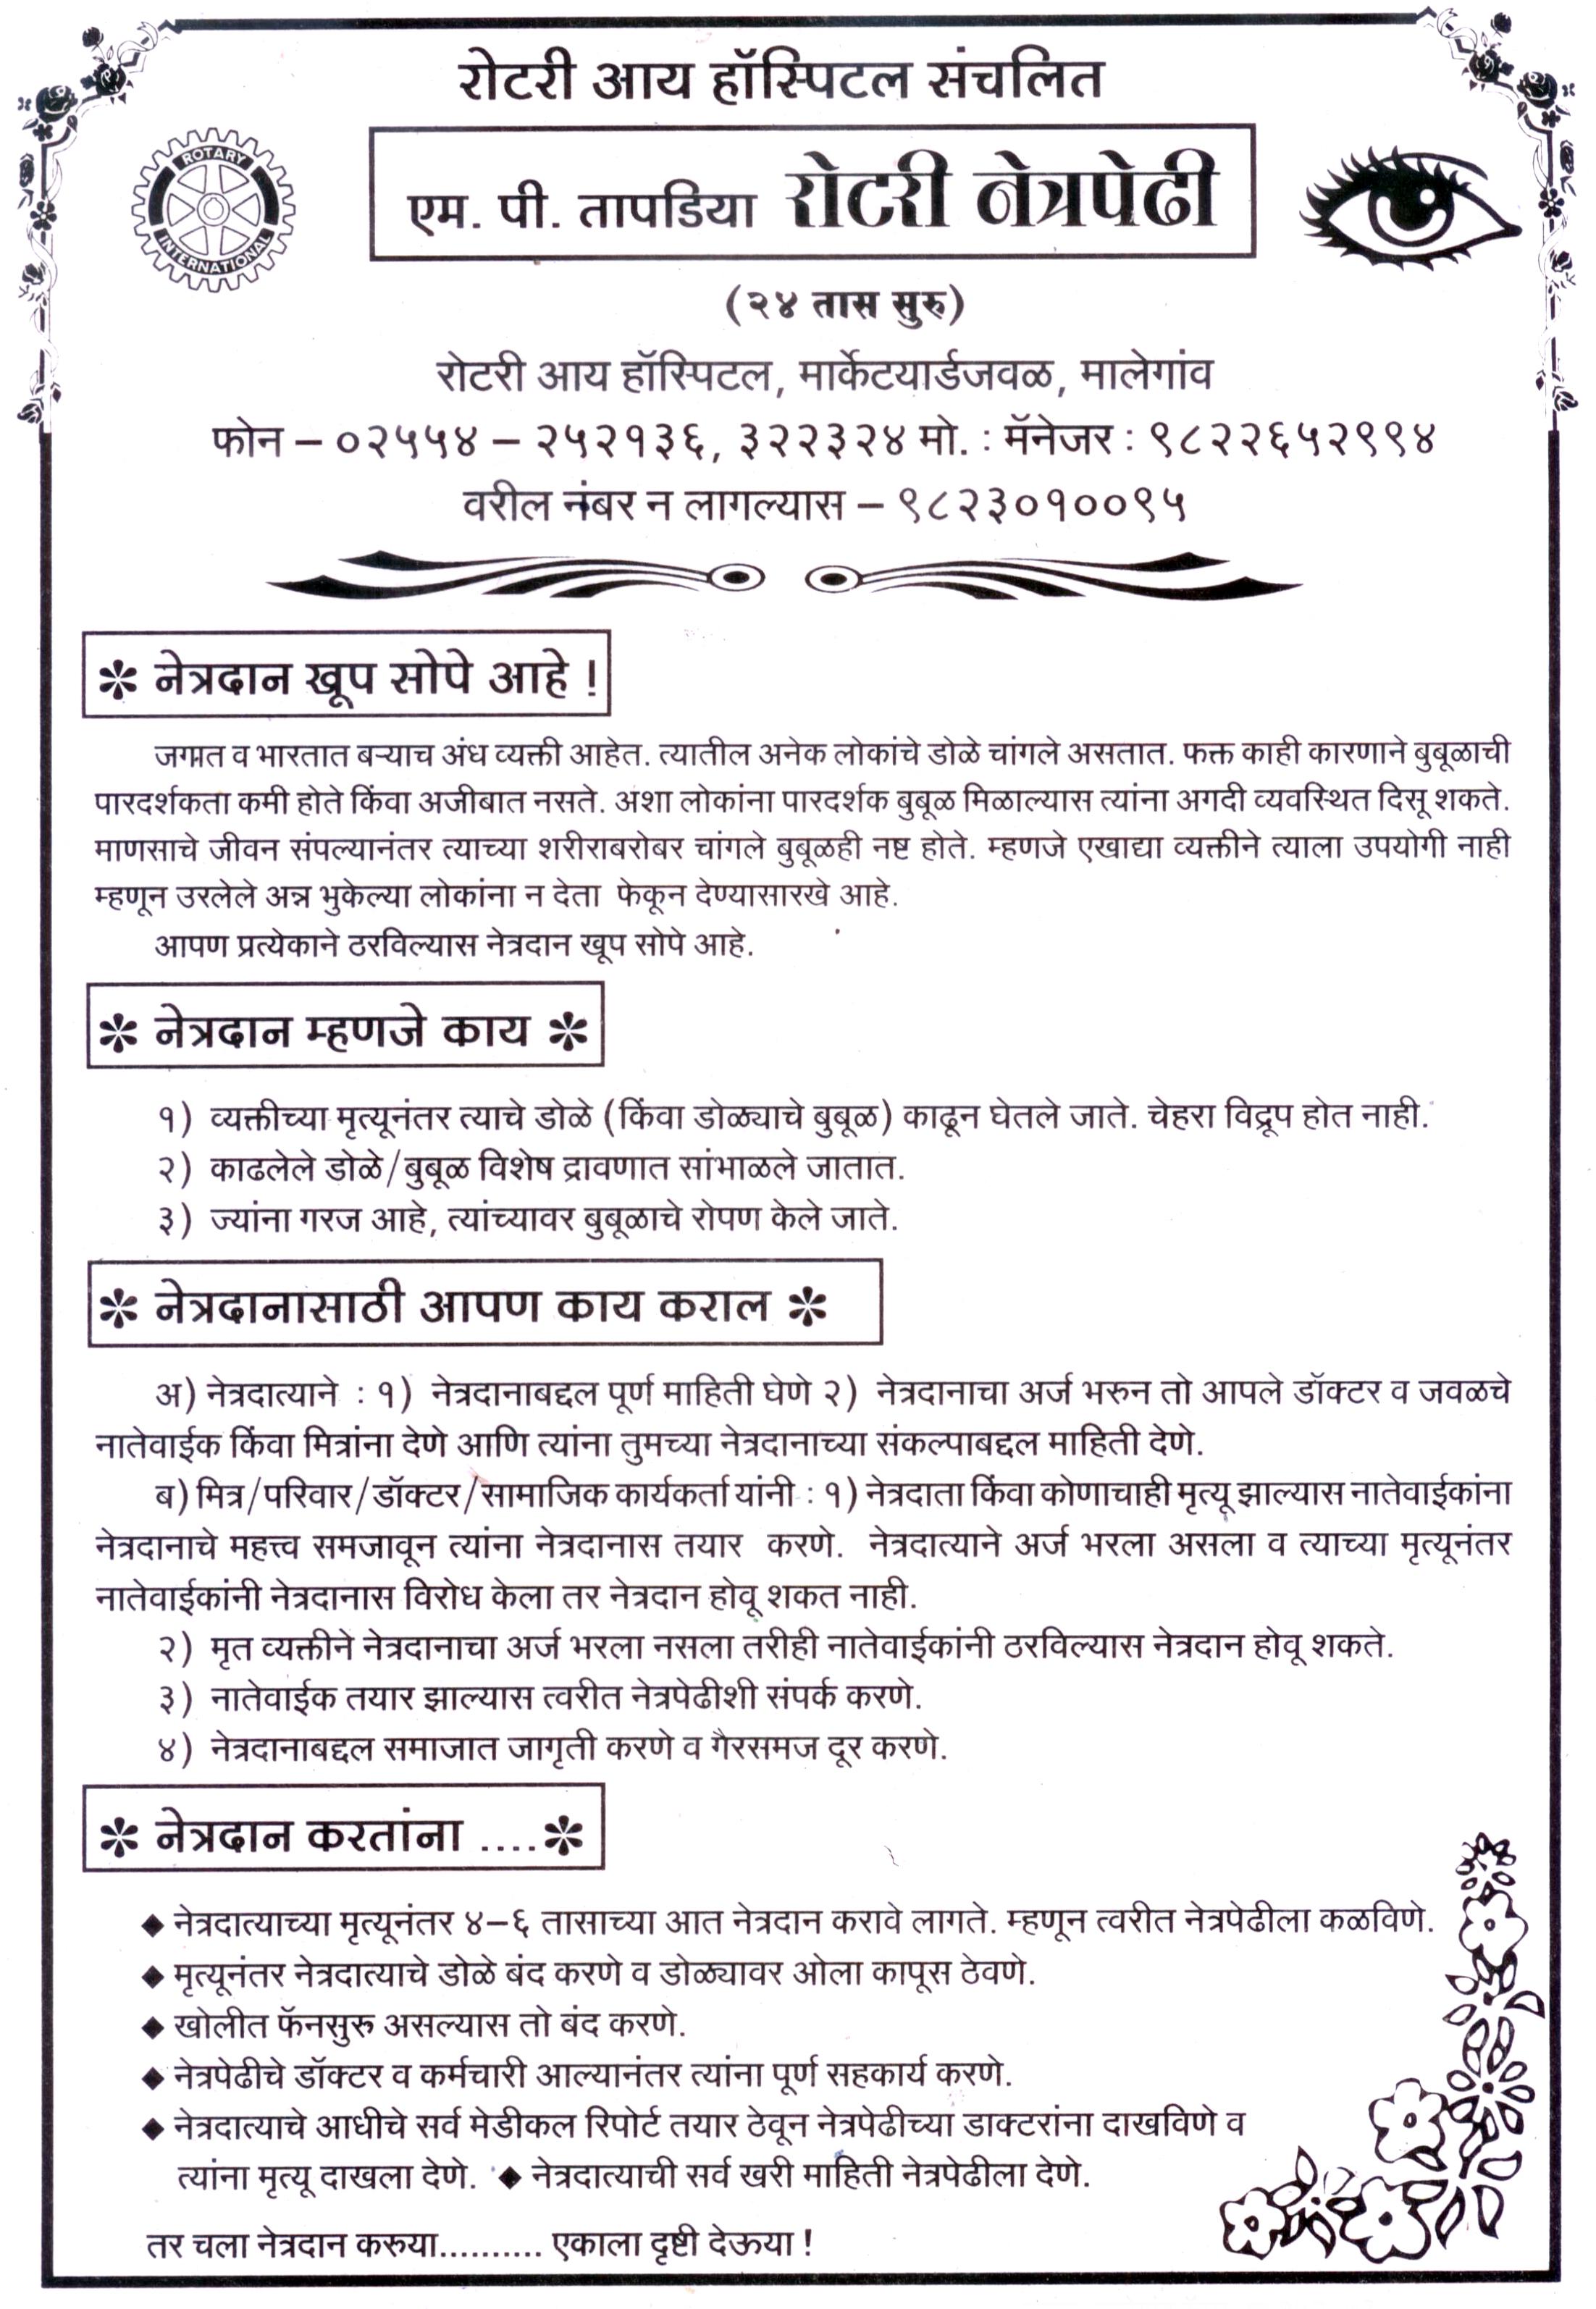 Eye-Bank-Marathi